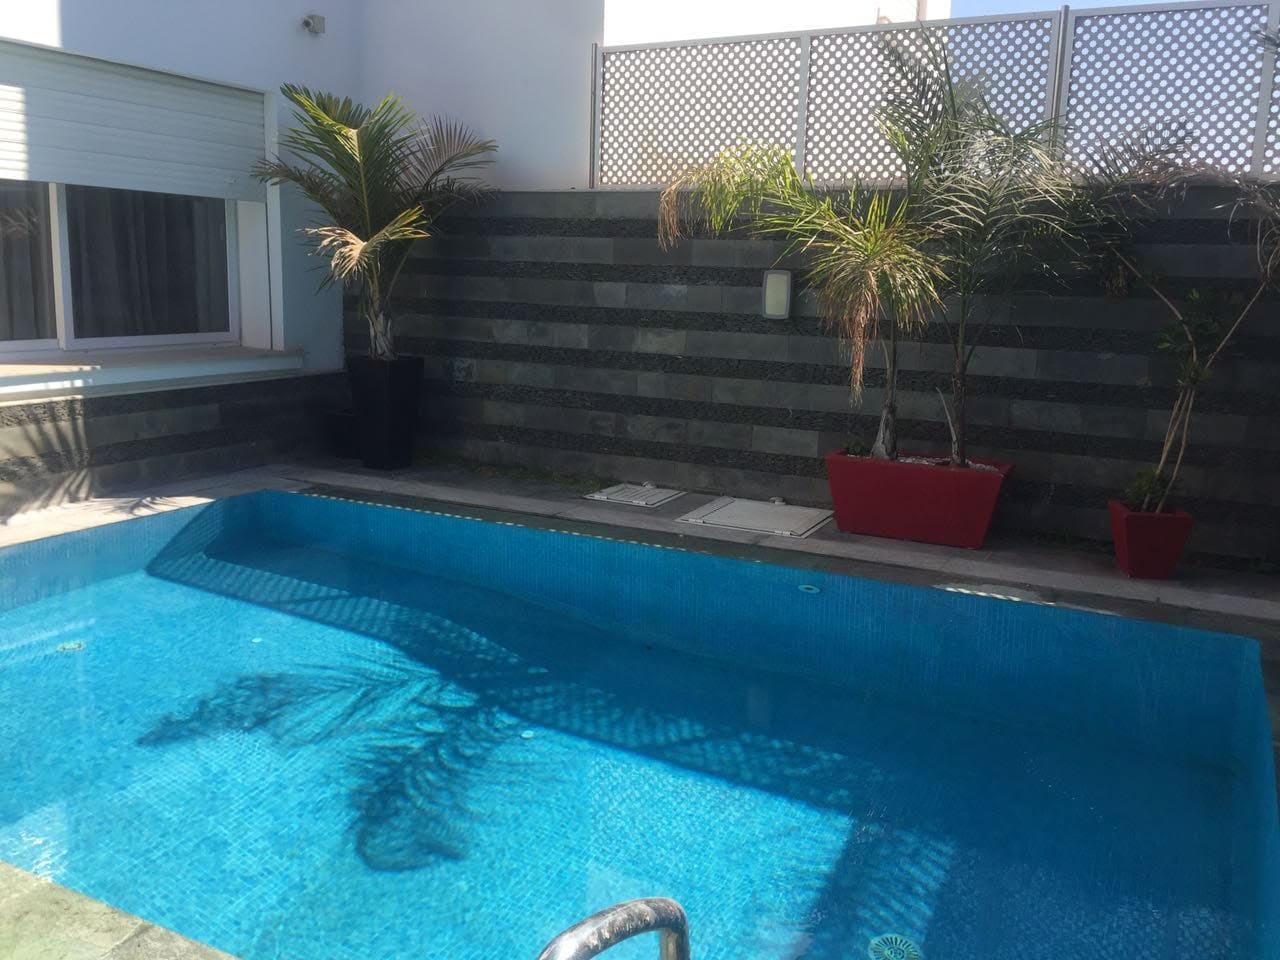 Vente <strong>Villa</strong> Casablanca Sidi Maarouf <strong>263 m2</strong>